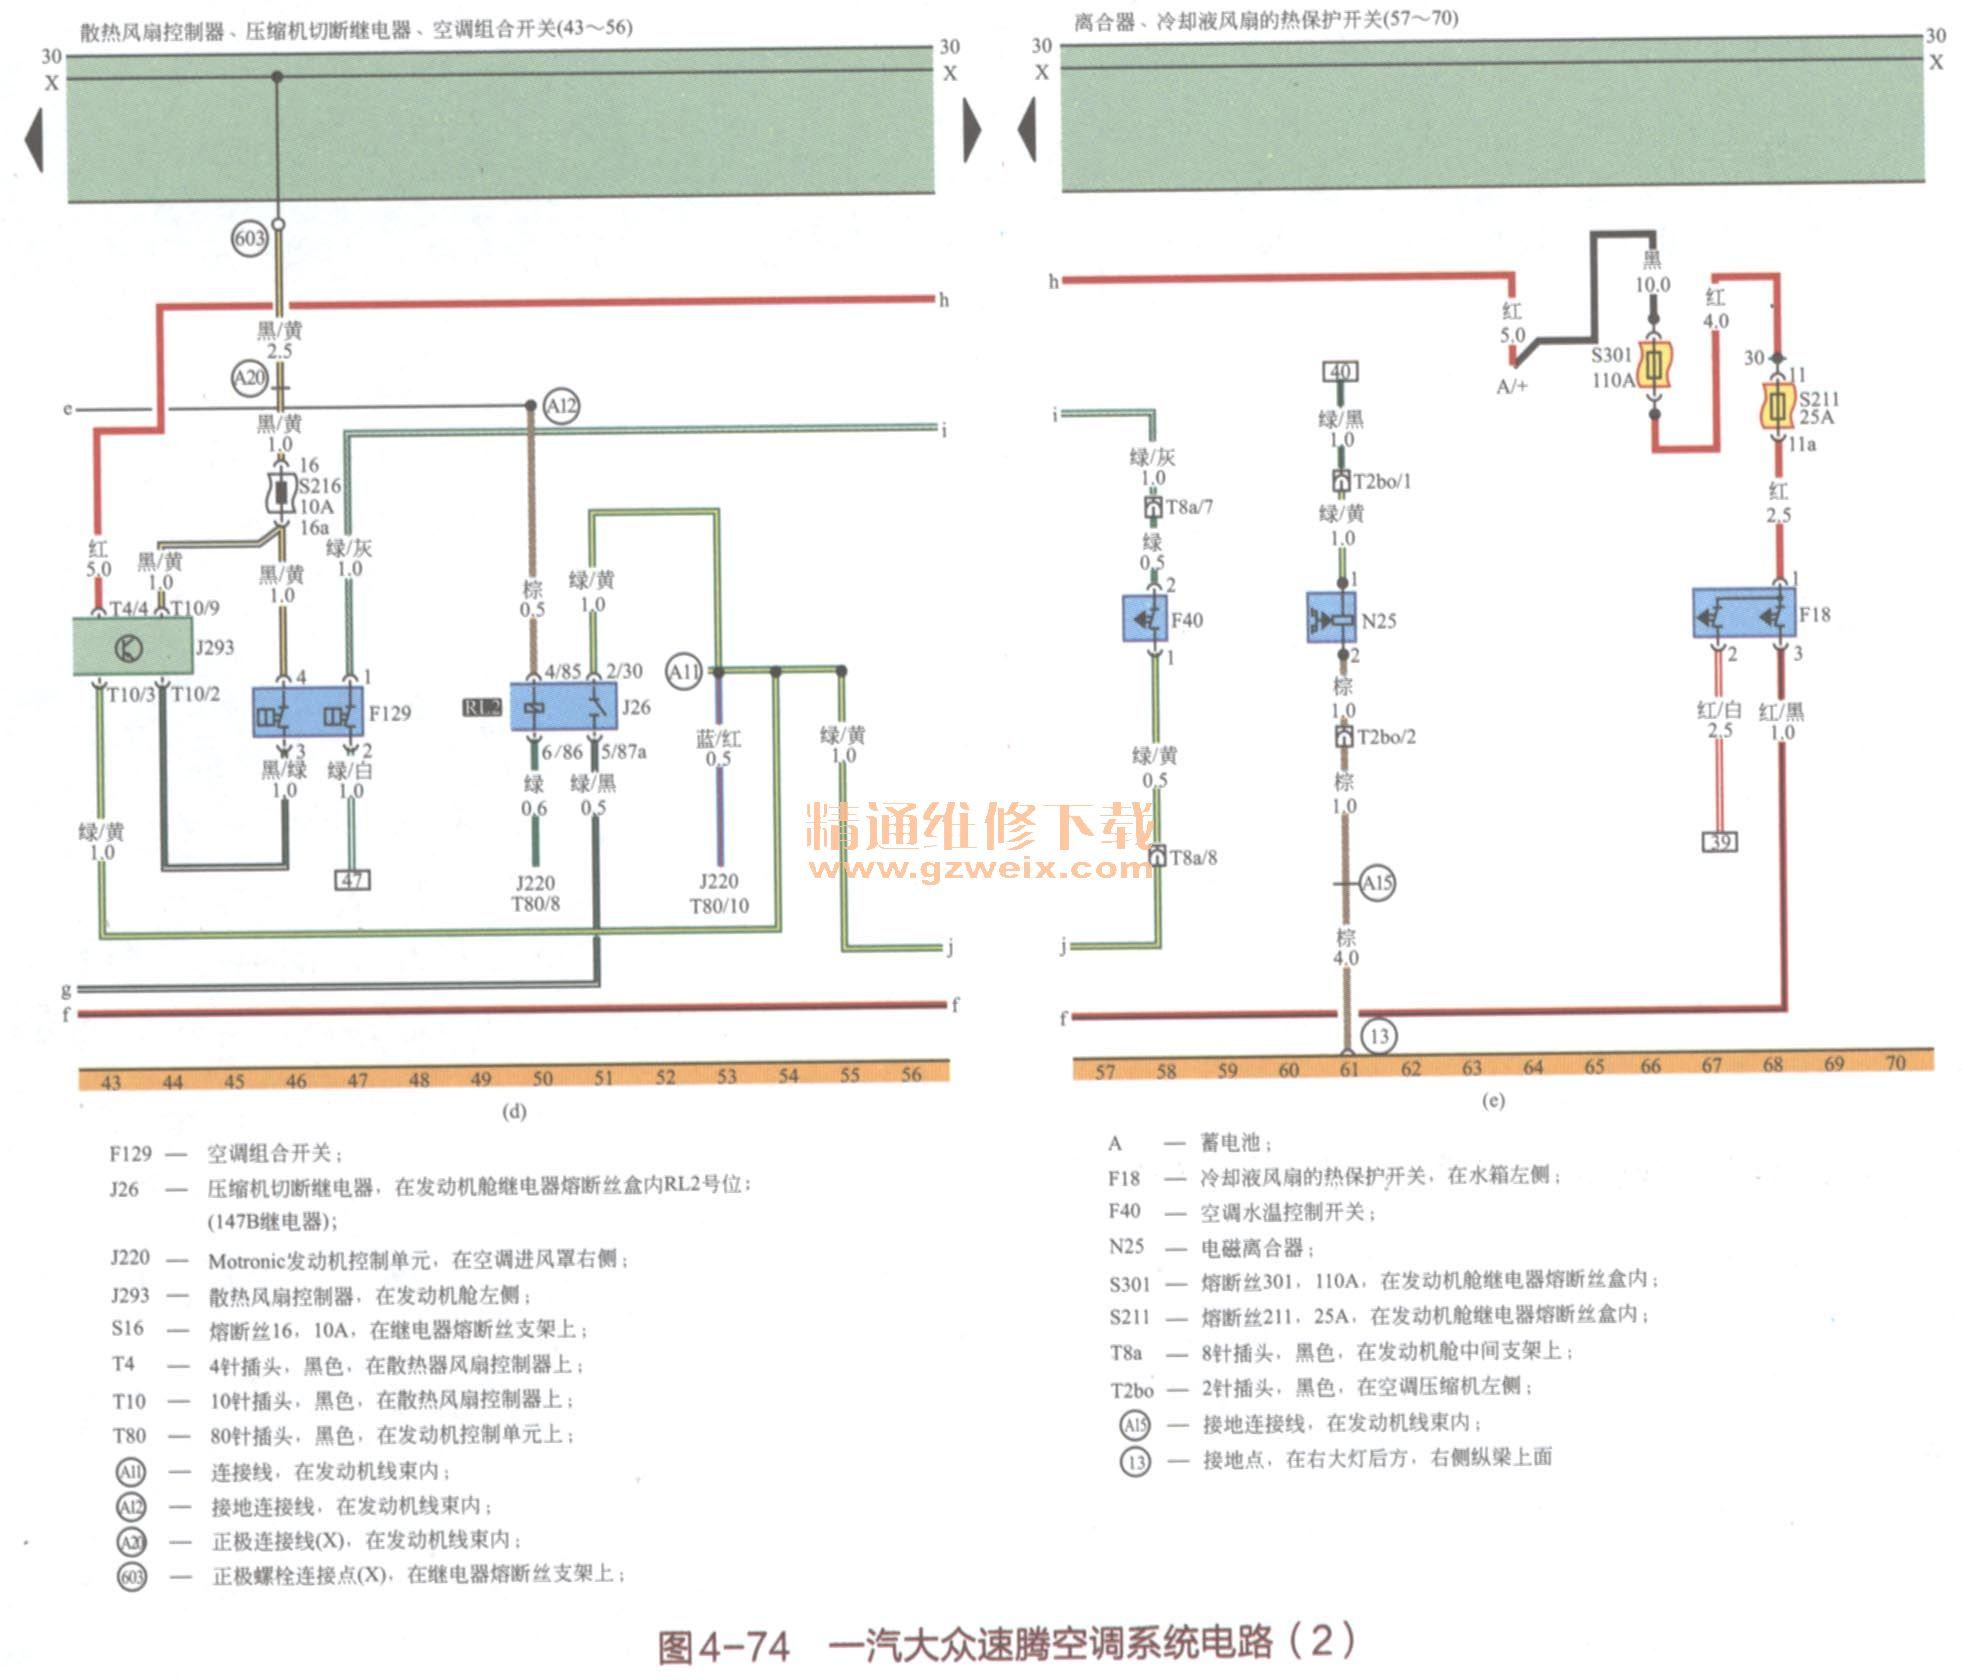 一汽大众速腾空调系统电路 新手篇 轻松看懂汽车电路图 6 高清图片